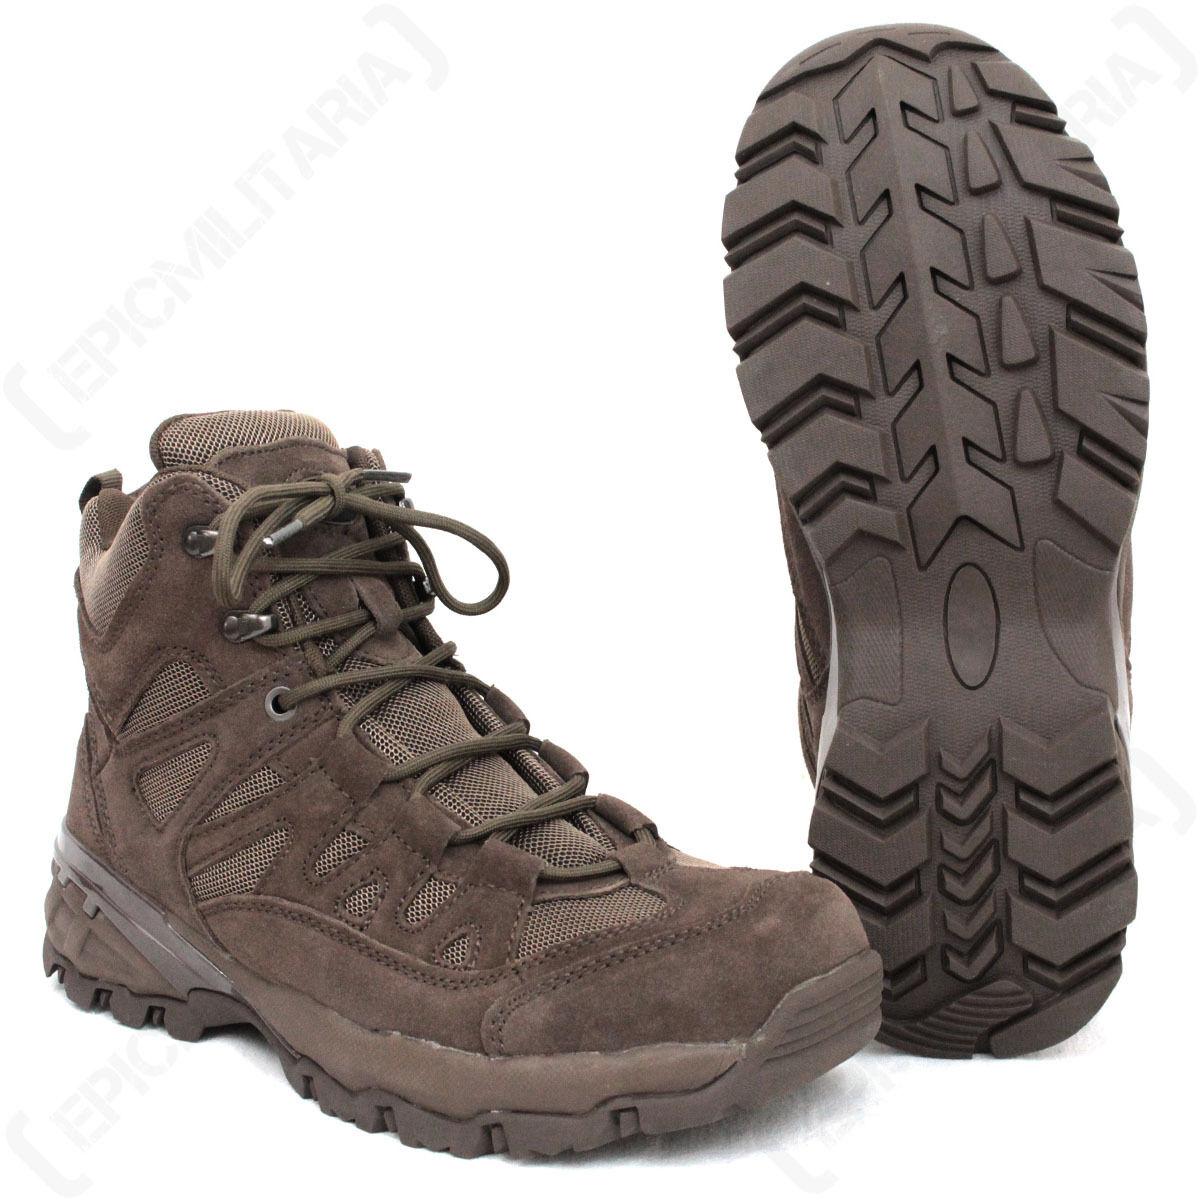 Grandes descuentos nuevos zapatos Scarpe New Balance MRL 996 MRL996DY Grigio